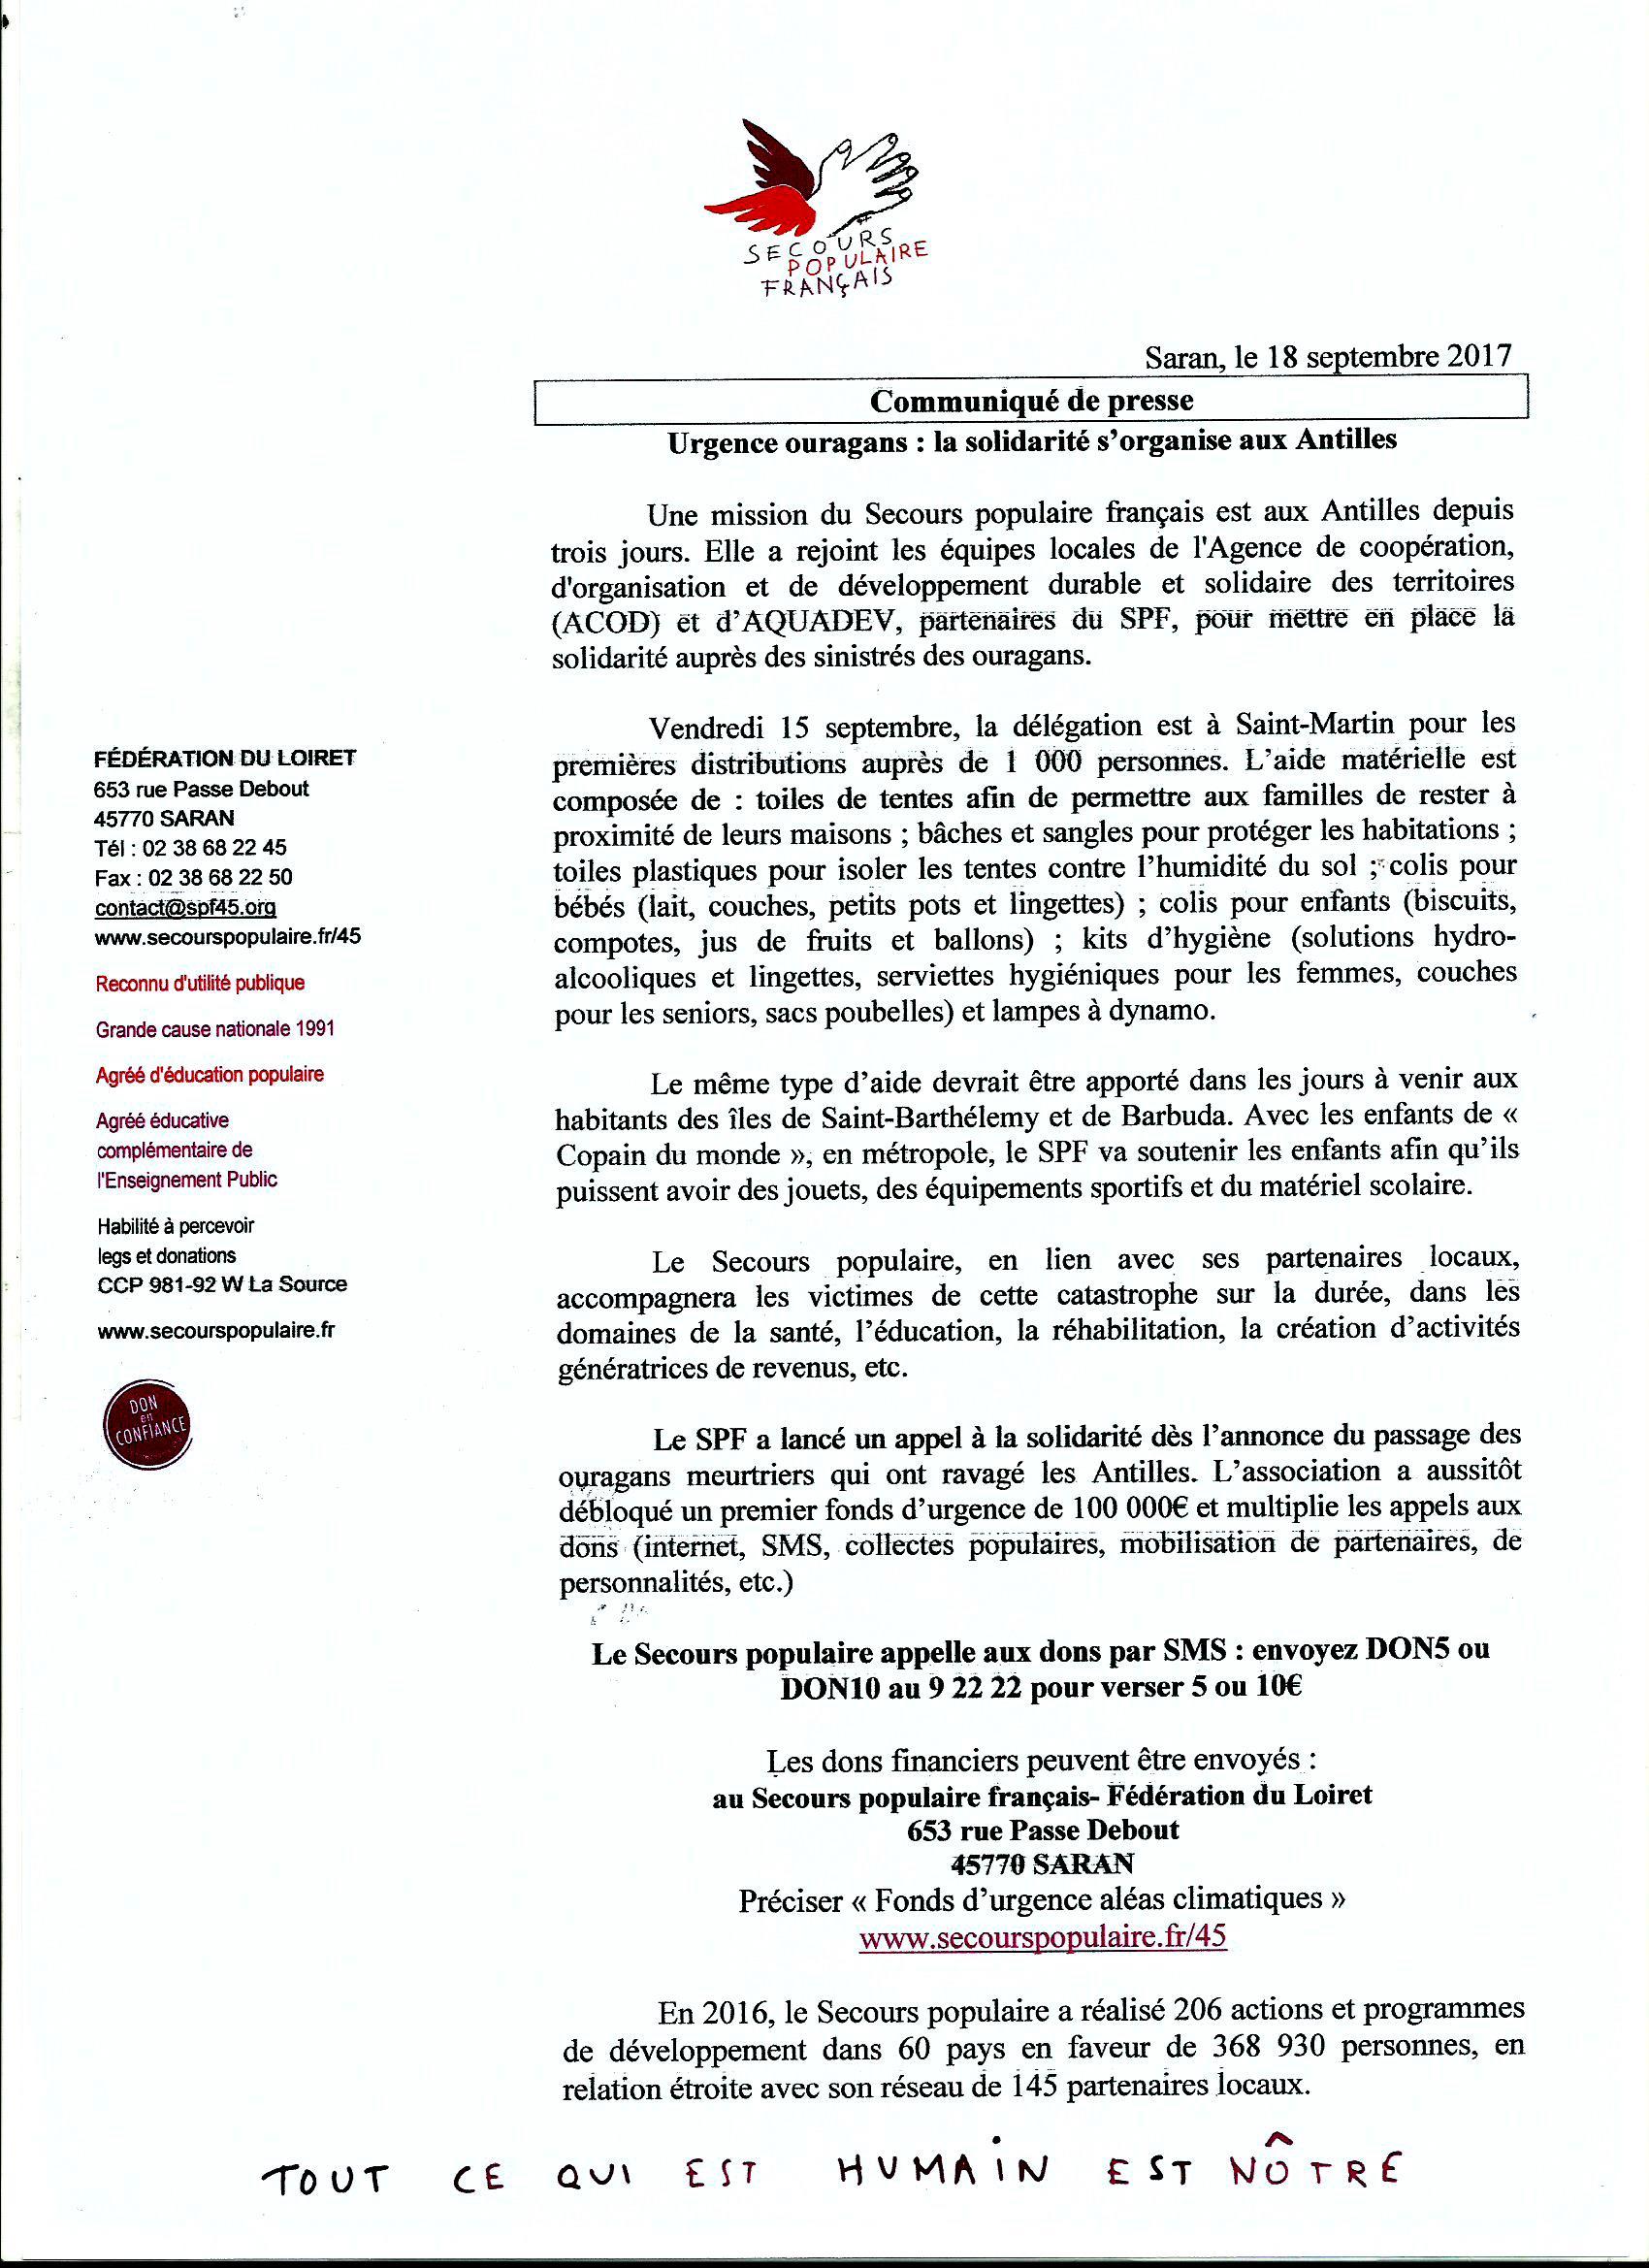 Scan Communiqué de presse Secours Populaire 45 2017 (18.09.jpg